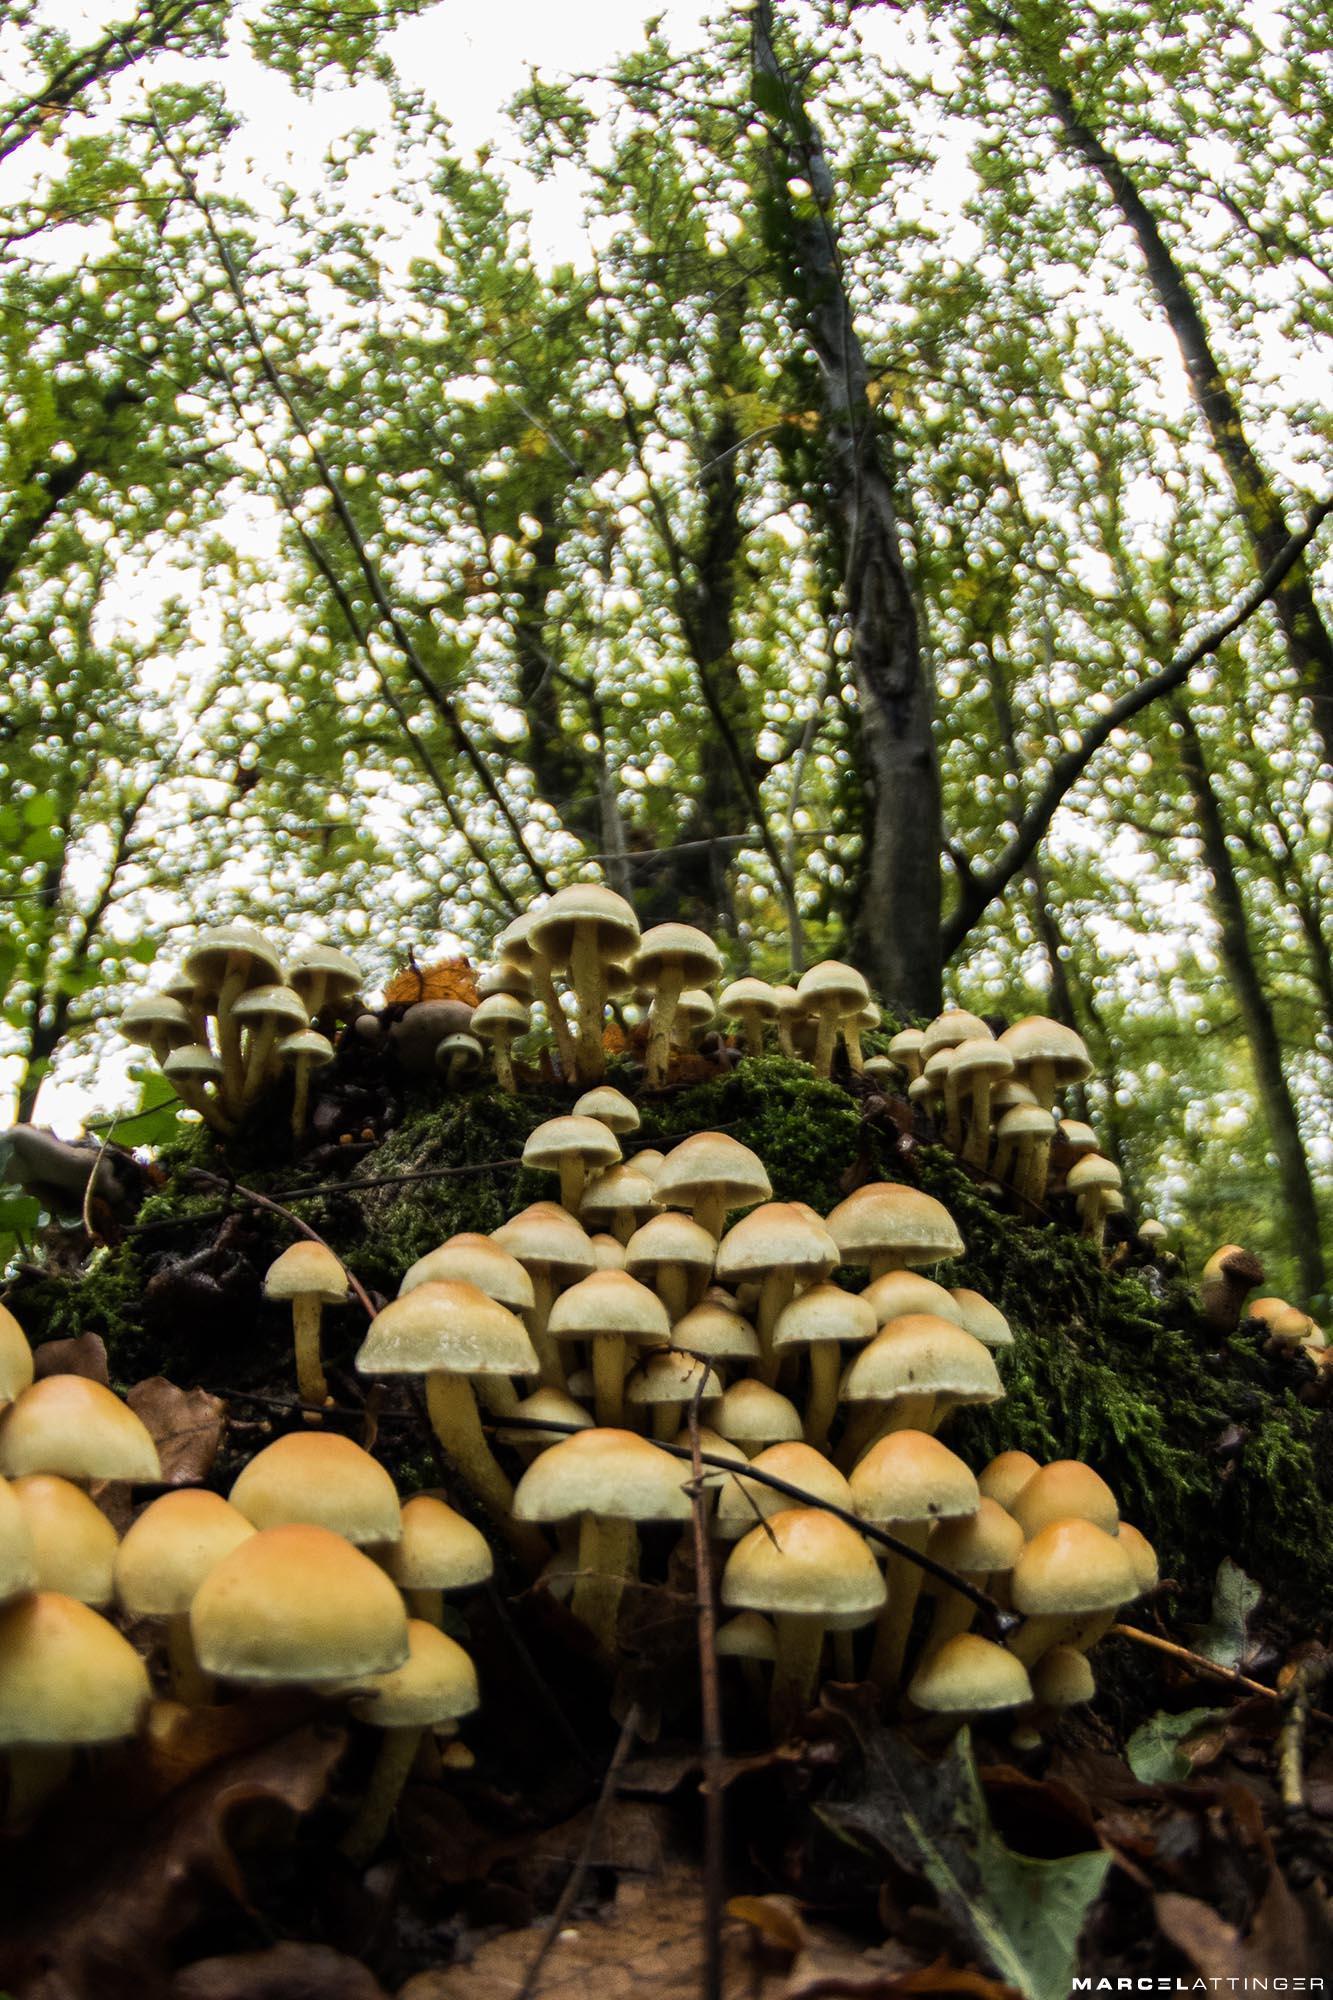 Groep paddenstoelen genomen met een fisheye lens